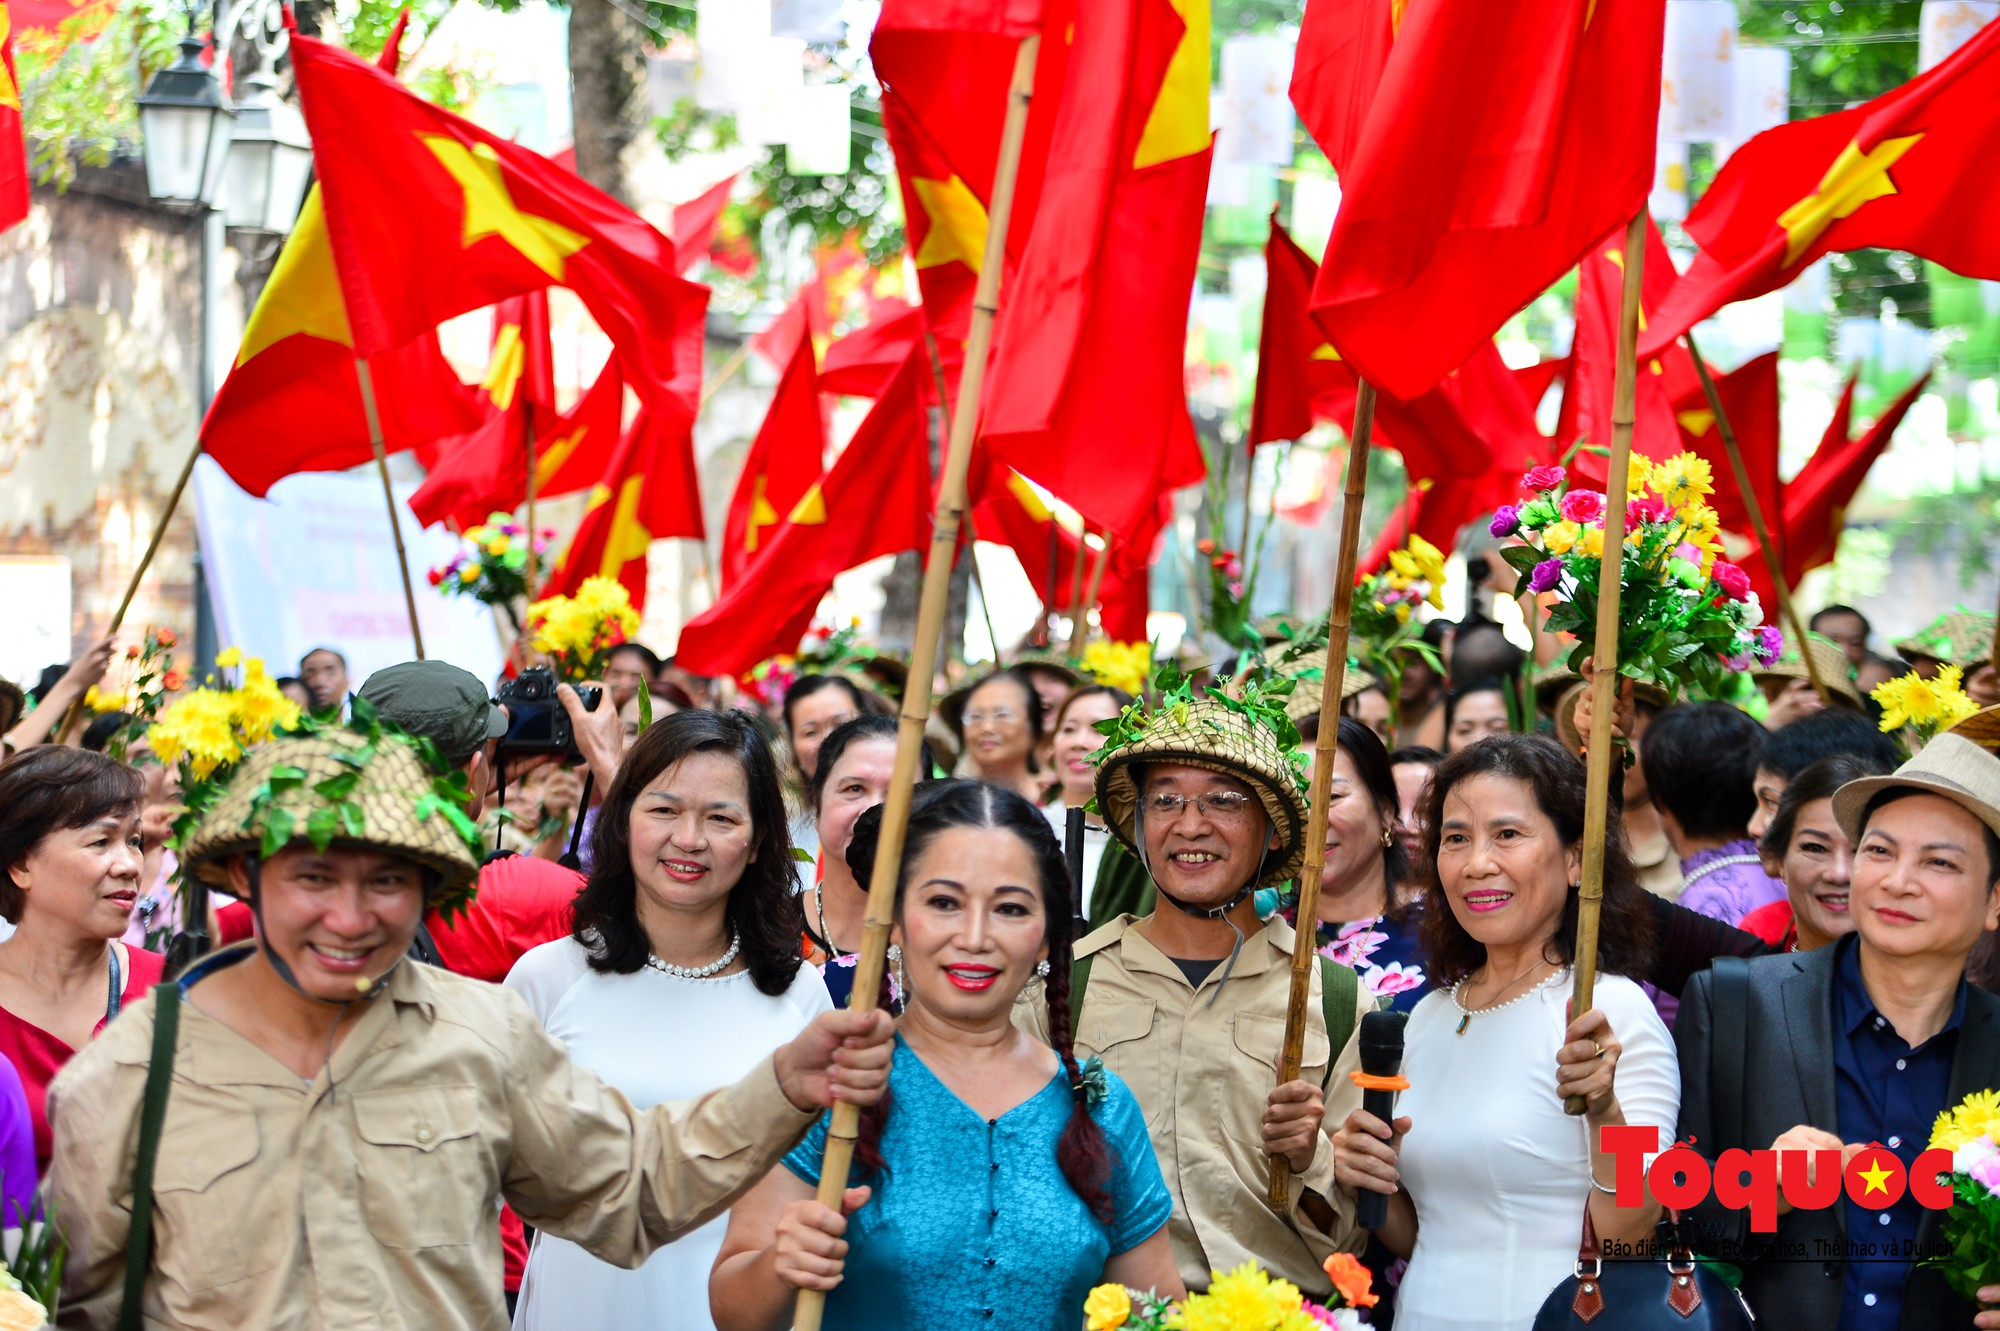 Tái hiện ký ức hào hùng đoàn quân chiến thắng trở về tiếp quản thủ đô Hà Nội 65 năm trước 15